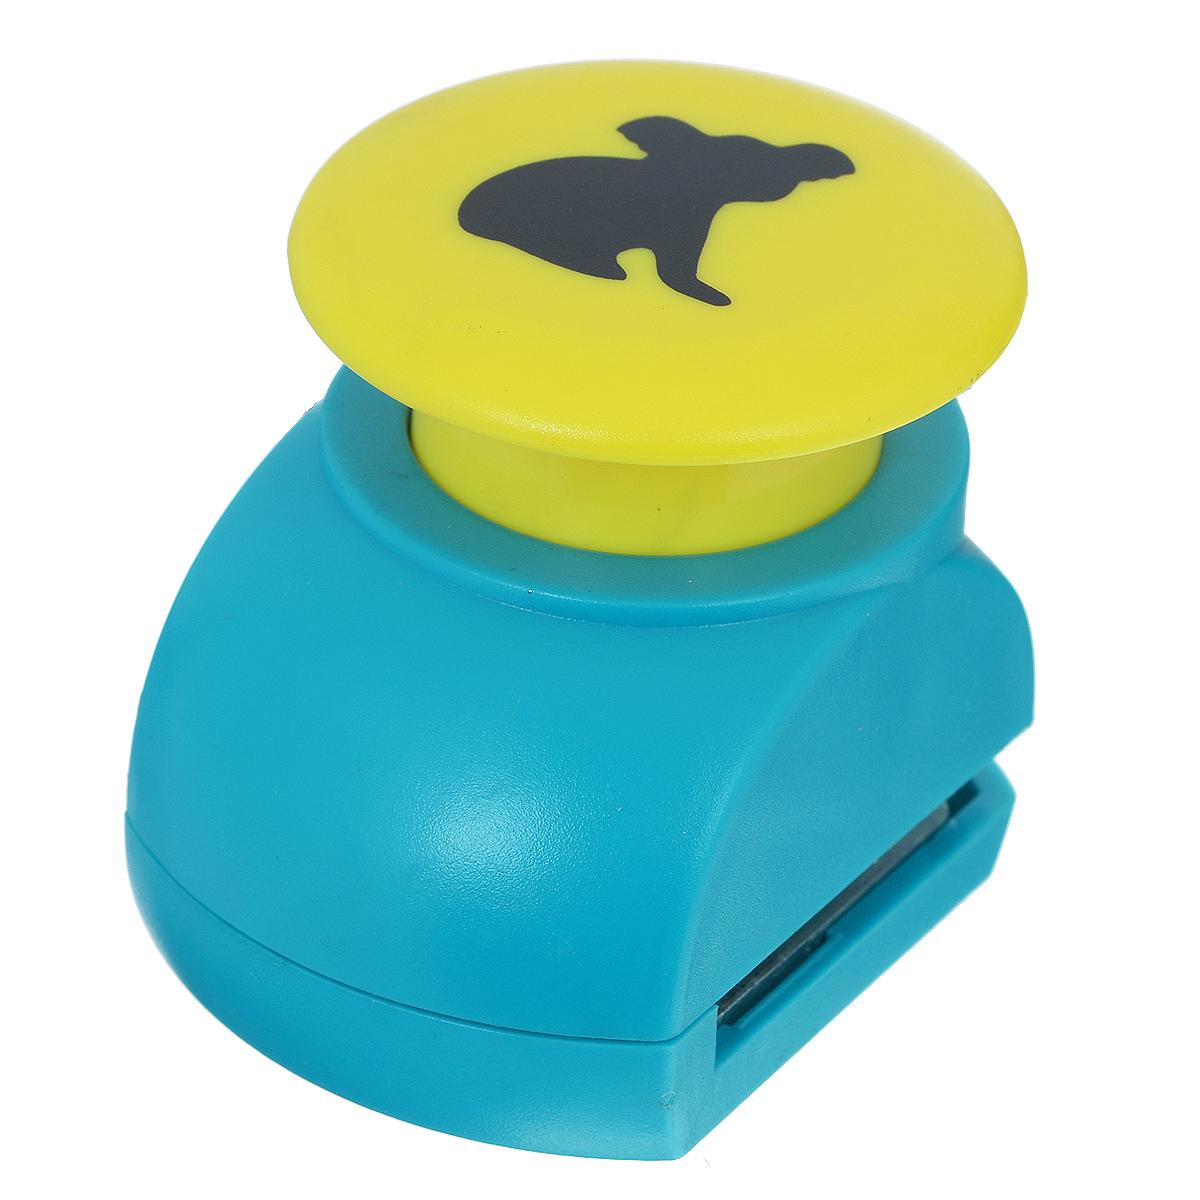 Дырокол фигурный Астра Коала. JF-8237709606_66Дырокол Астра Коала поможет вам легко, просто и аккуратно вырезать много одинаковых мелких фигурок.Режущие части компостера закрыты пластмассовым корпусом, что обеспечивает безопасность для детей. Можно использовать вырезанные мотивы как конфетти или для наклеивания. Дырокол подходит для разных техник: декупажа, скрапбукинга, декорирования.Размер дырокола: 5 см х 4 см х 5 см. Размер готовой фигурки: 1,7 см х 2 см.